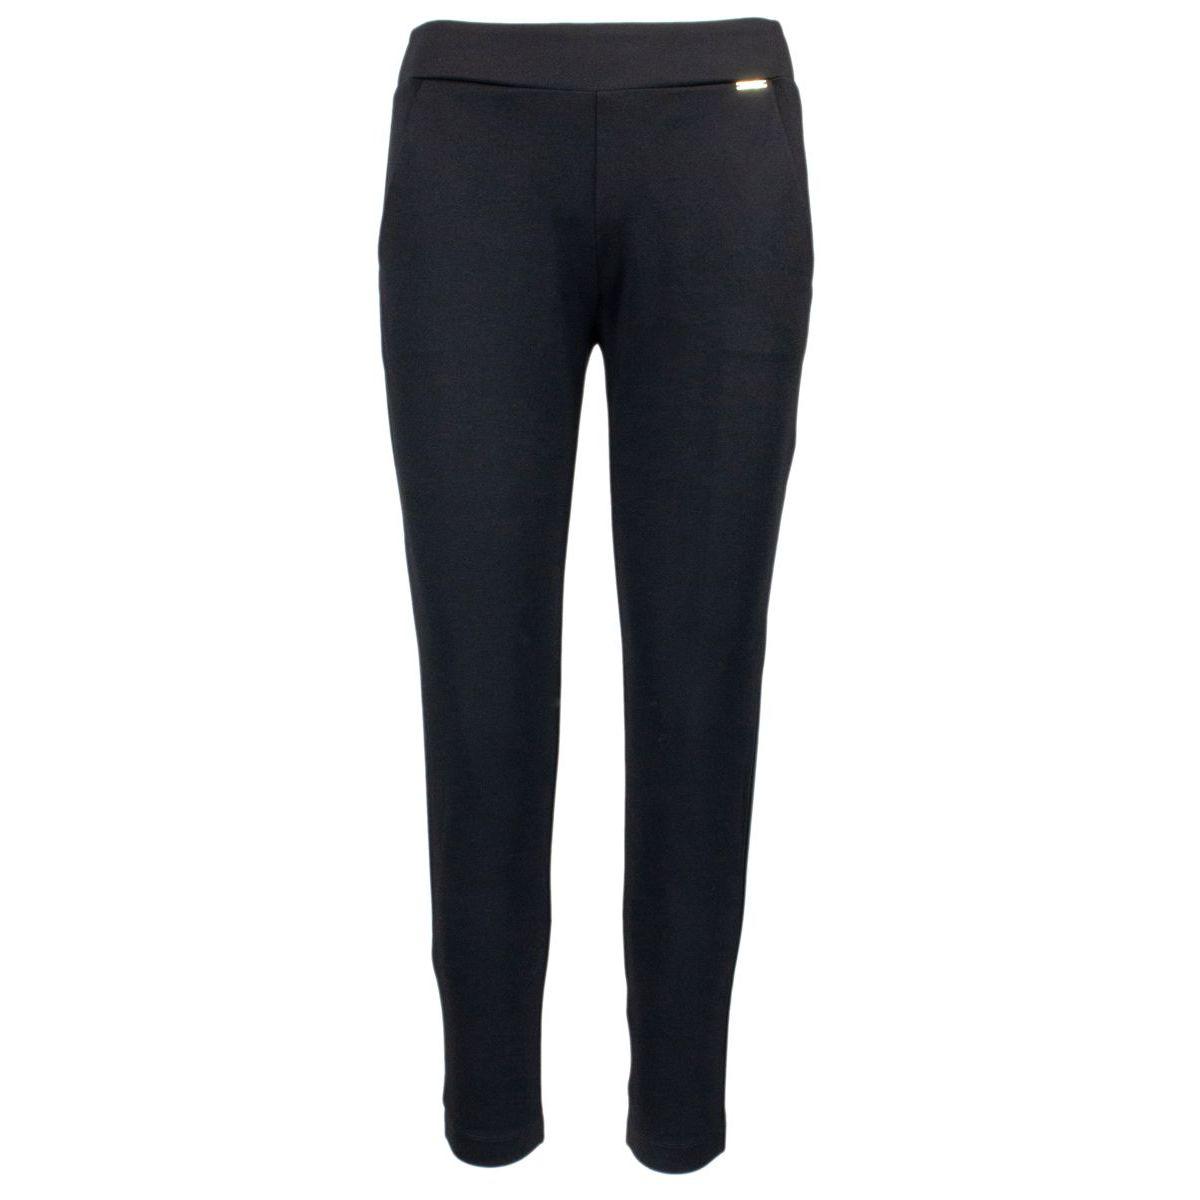 Stretch Elizabeth trousers in viscose blend Black Nenette